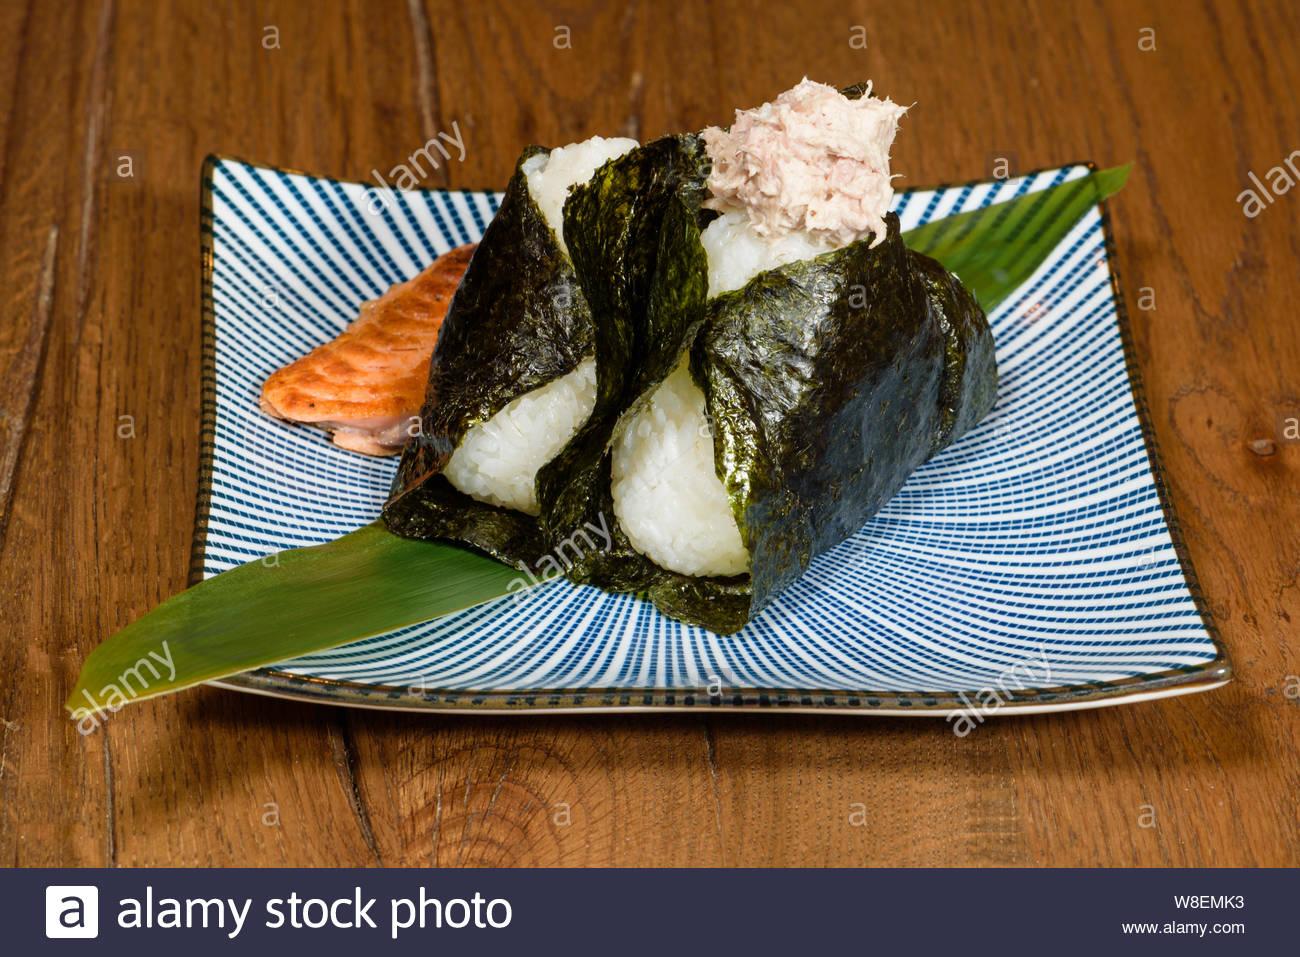 onigiri of roasted tuna and salmon, wrapped in seaweed, darl